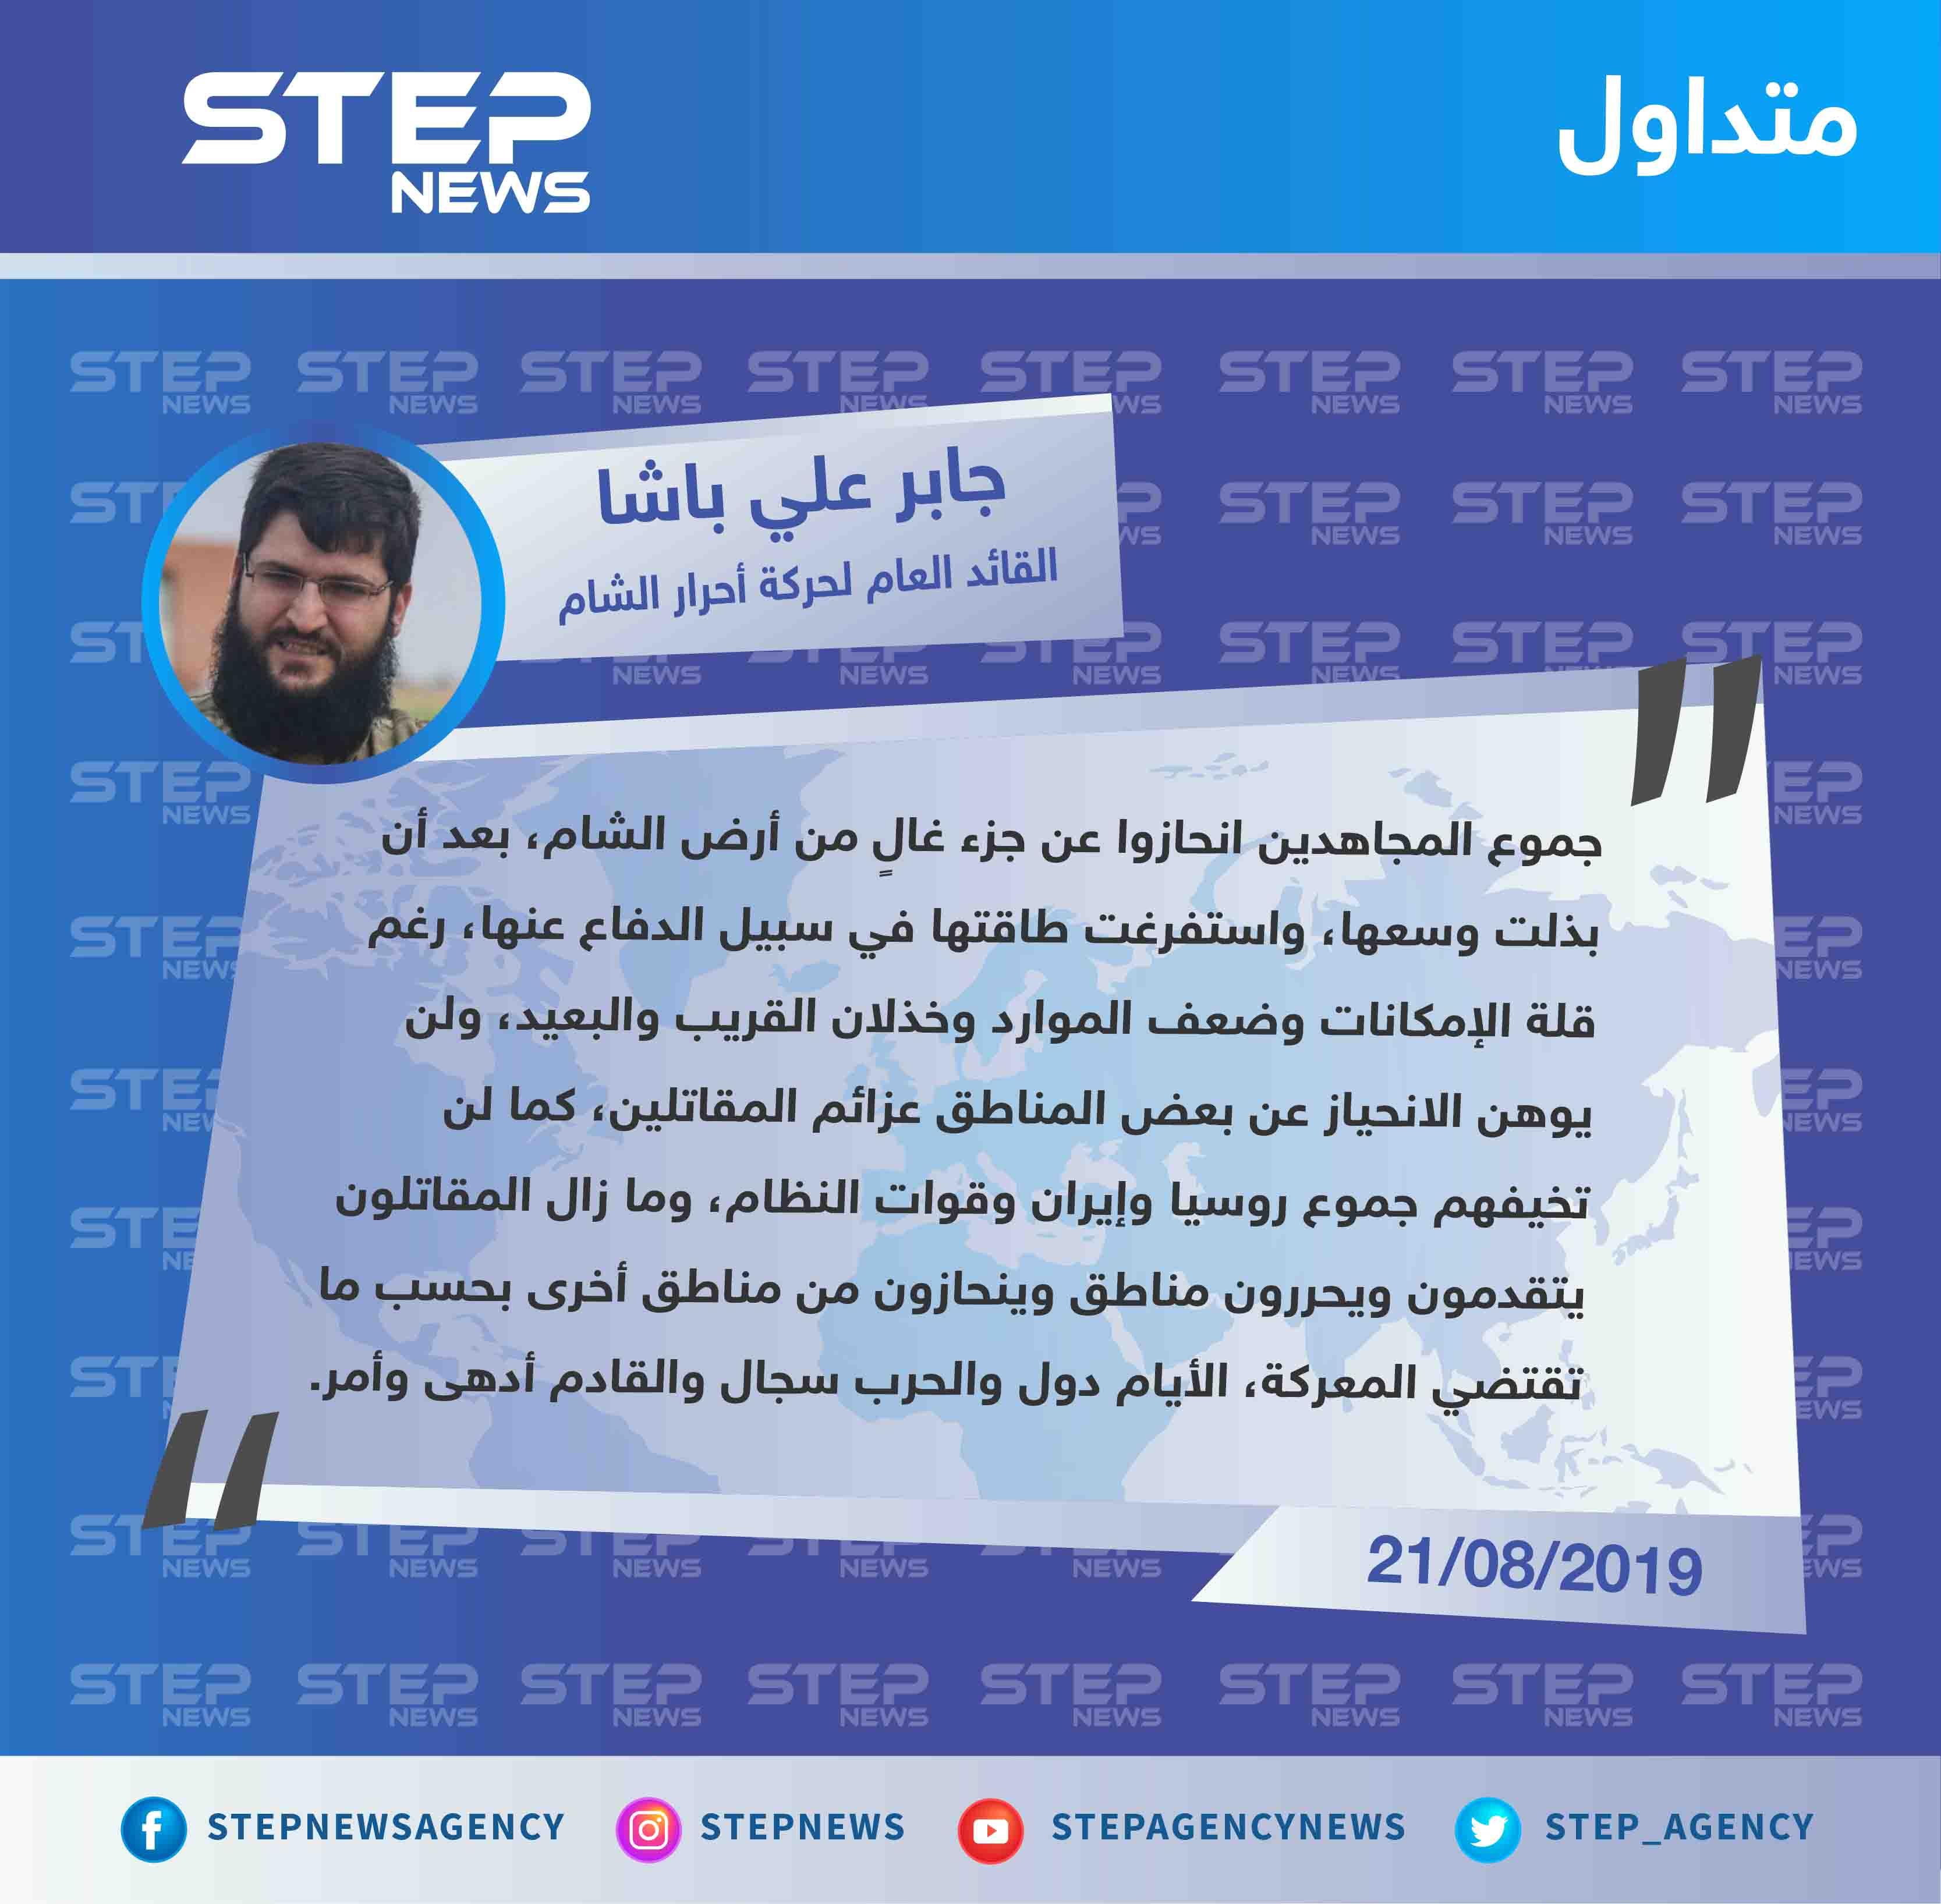 """القائد العام لحركة أحرار الشام يؤكّد """"انسحاب المقاتلين من ريف إدلب، ويحمّل القريب والبعيد خذلانهم"""""""